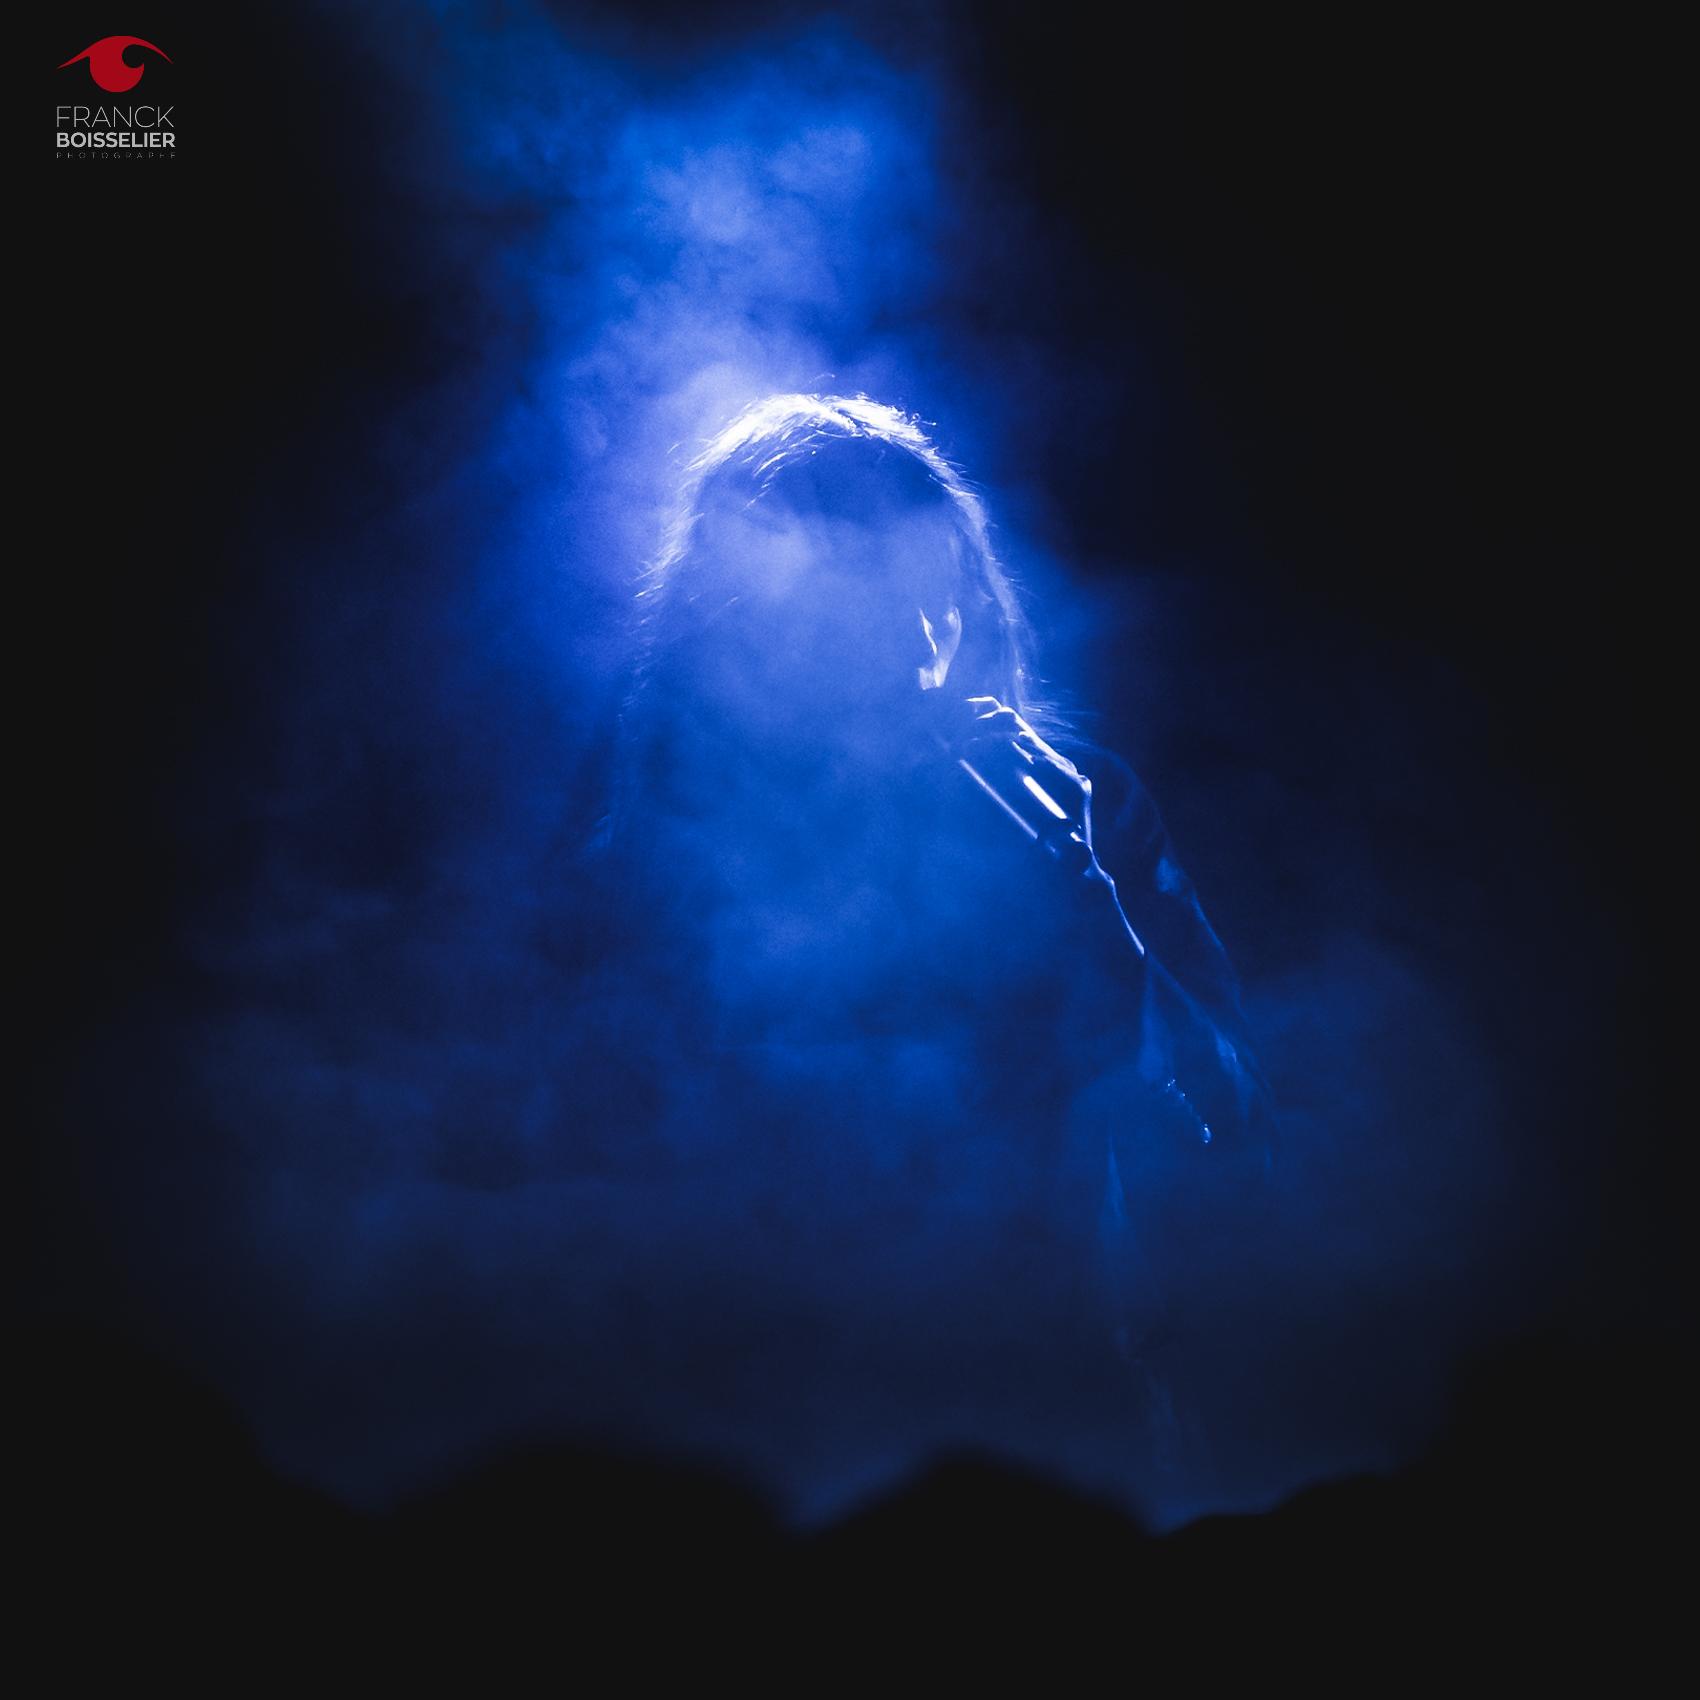 Franck BOISSELIER Photographe Concert - Festival Mythos